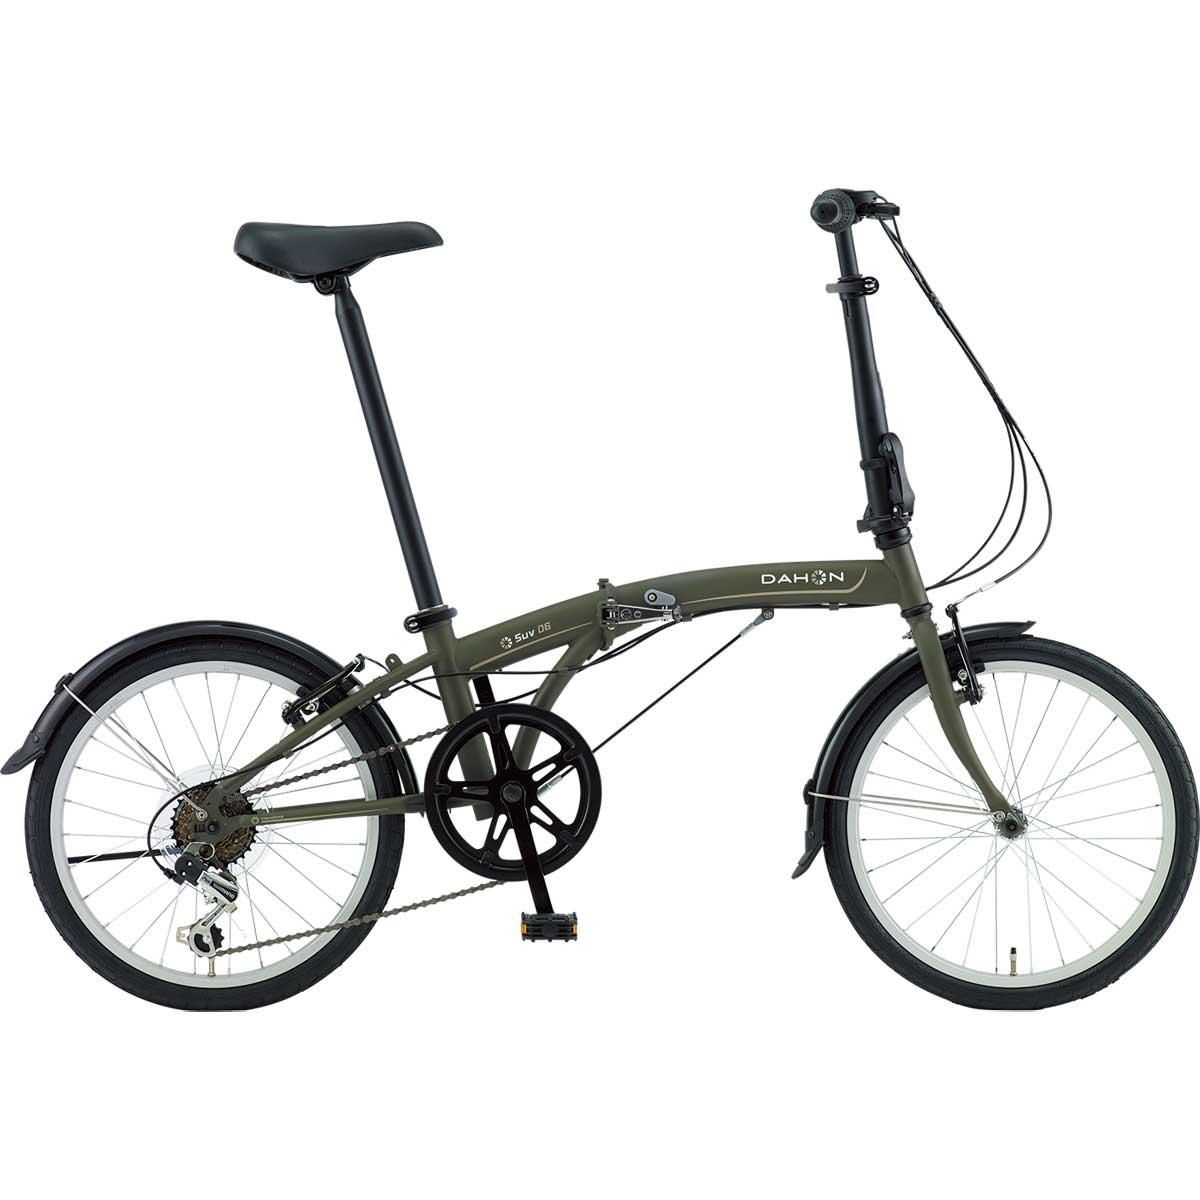 DAHON/ダホン SUV D6 エスユーヴィー D6 マットカーキ(9000) 折りたたみ自転車 自転車本体